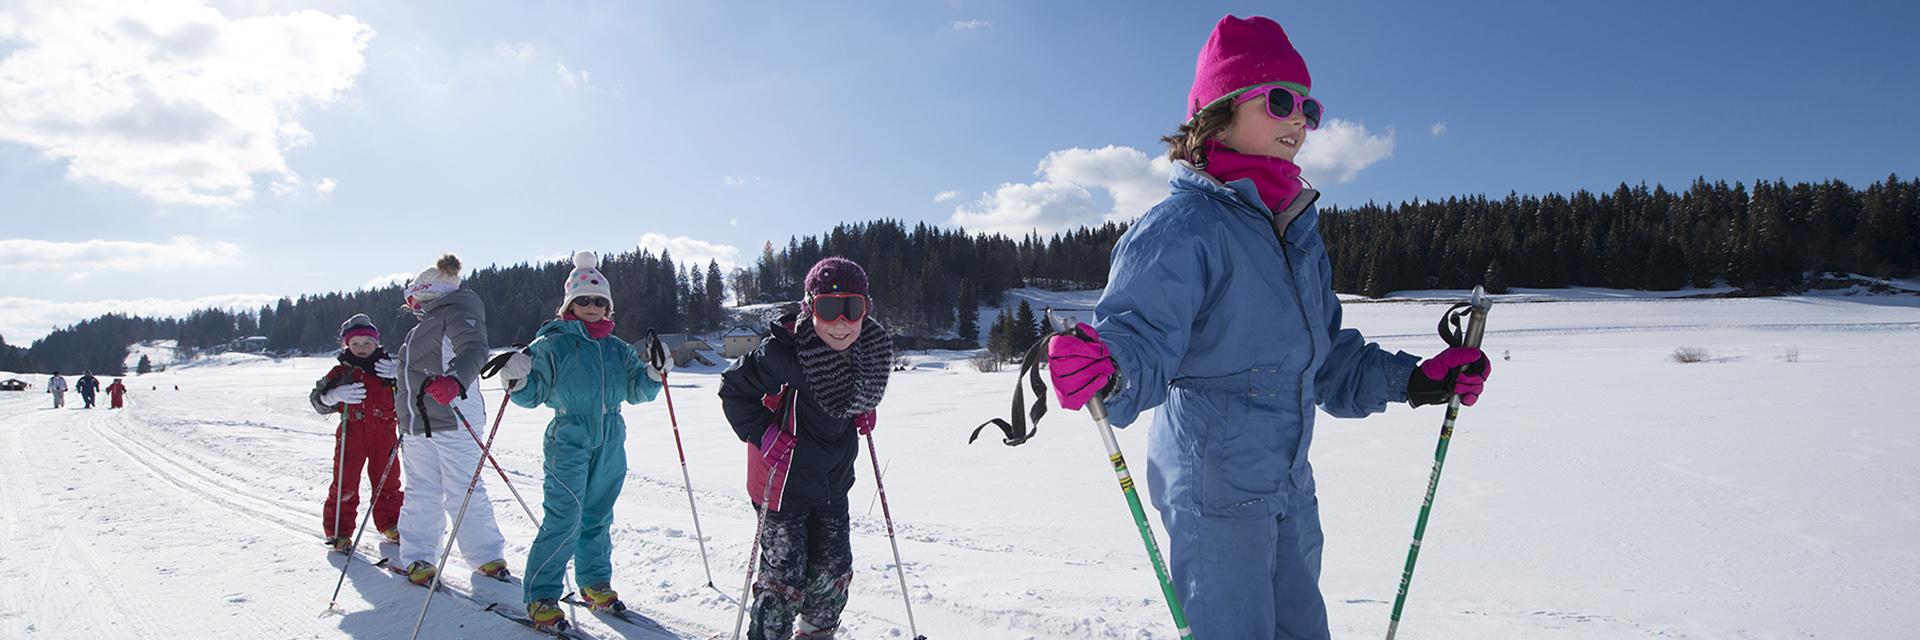 Village_club_vacances_jure-neige-et-plein-air-classe-hiver-ski